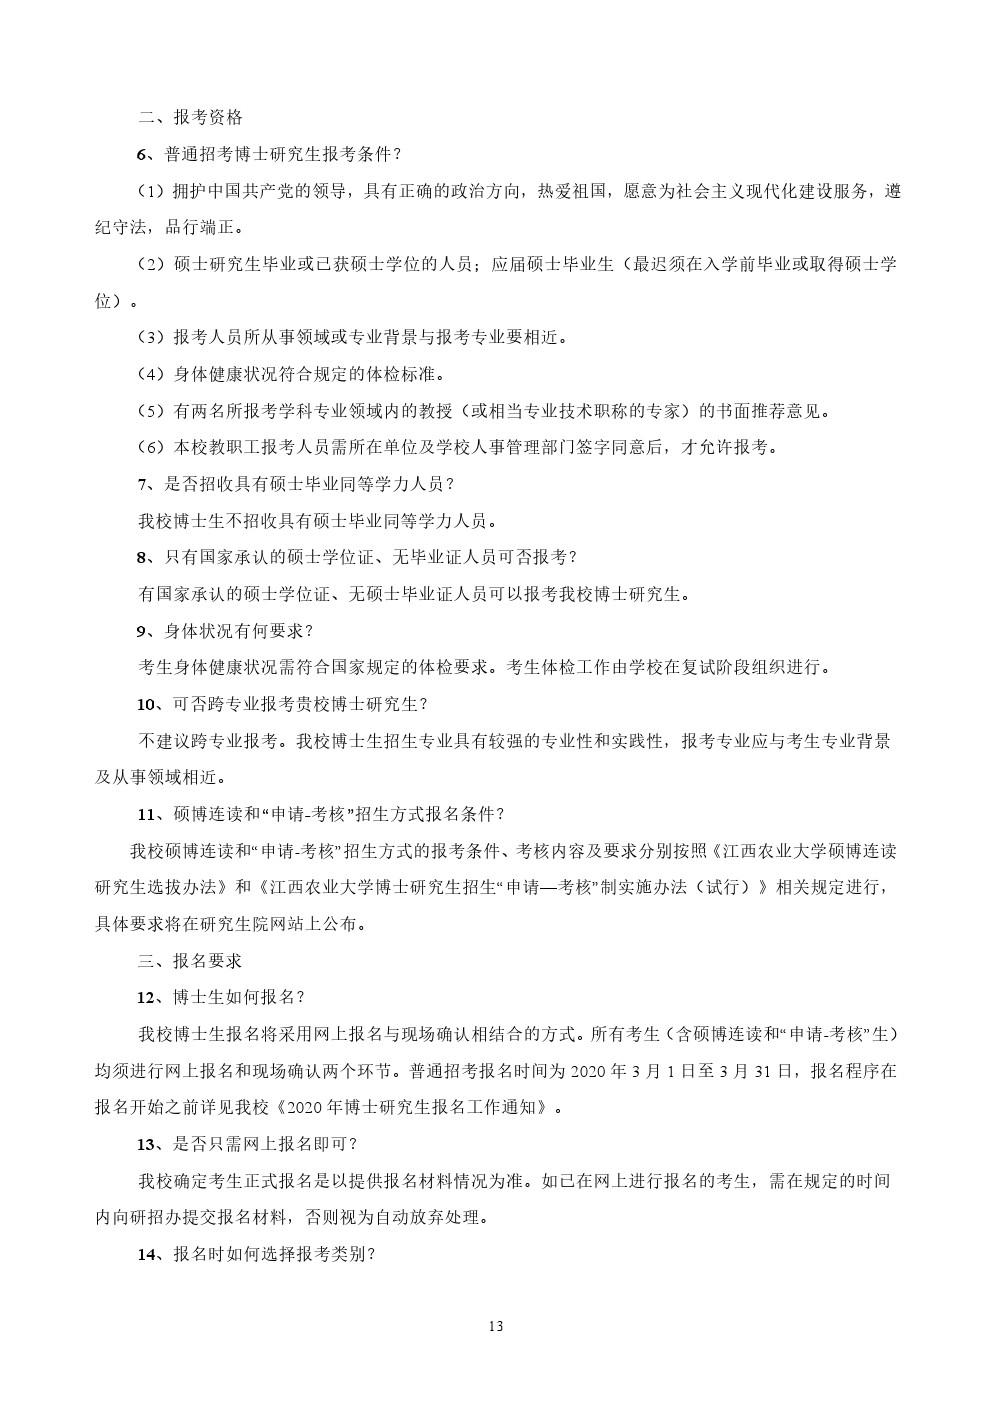 江西农业大学2020年博士研究生招生问答